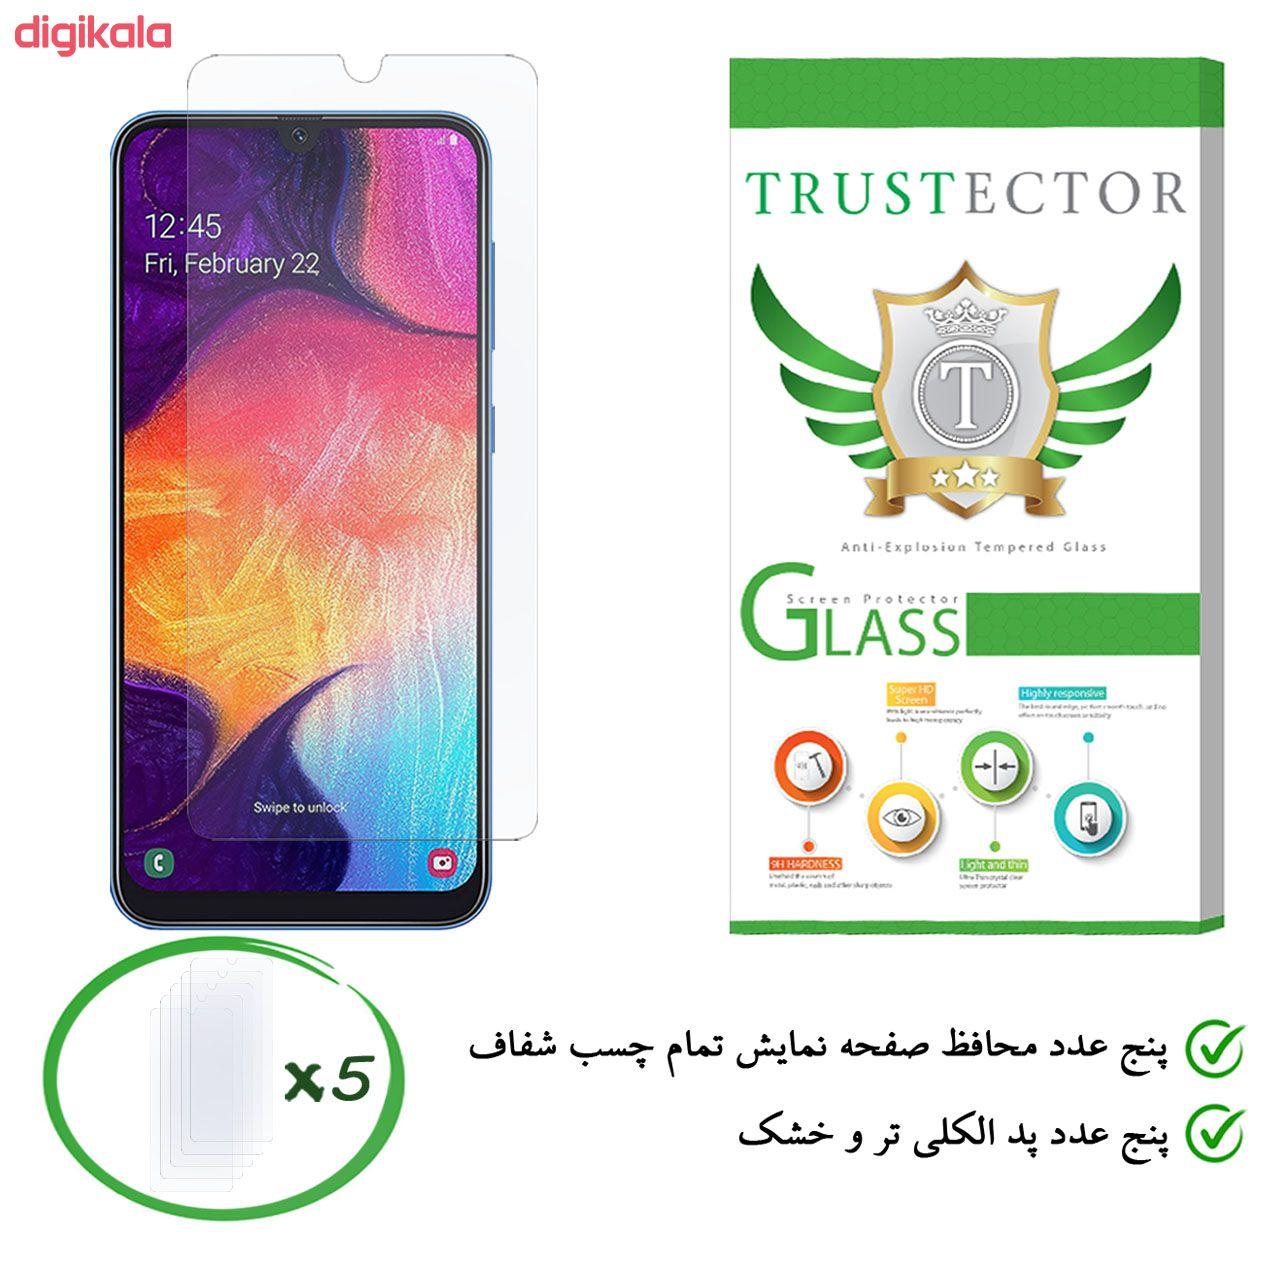 محافظ صفحه نمایش تراستکتور مدل GLS مناسب برای گوشی موبایل سامسونگ Galaxy A50 بسته 5 عددی main 1 8